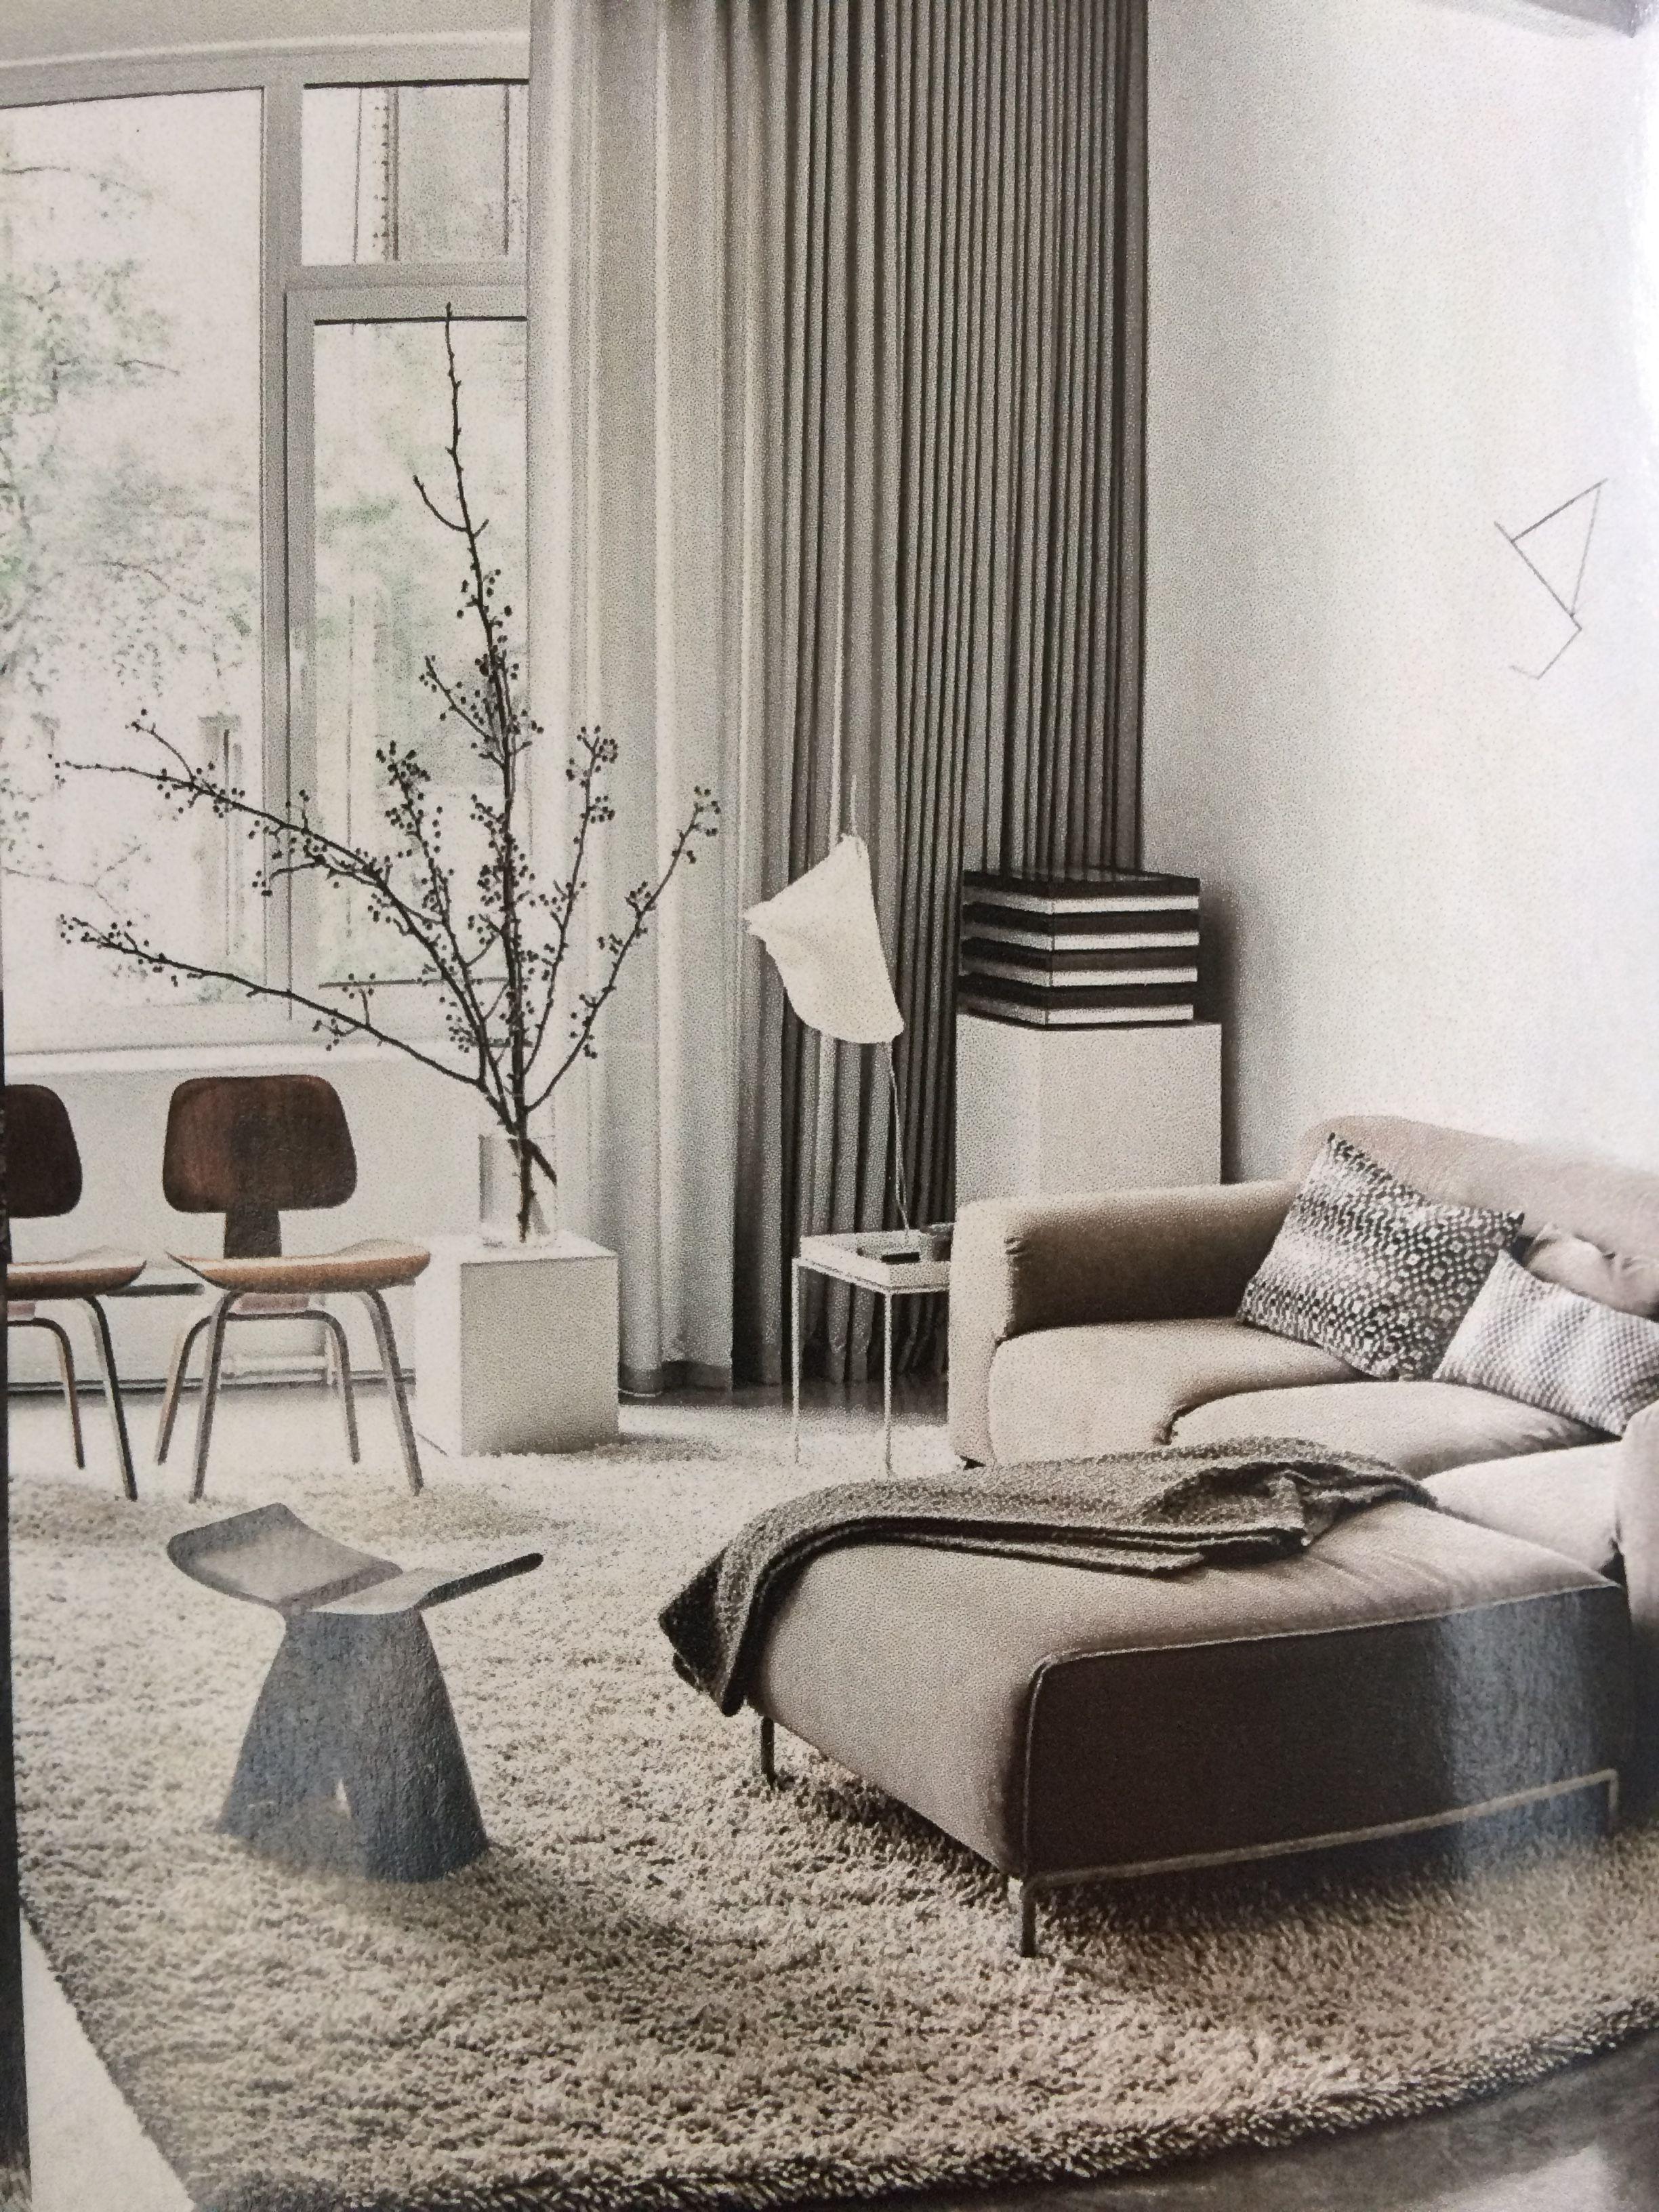 Modern Living Room Renovations June 2018 Living Room Renovation Living Room Lounge Design